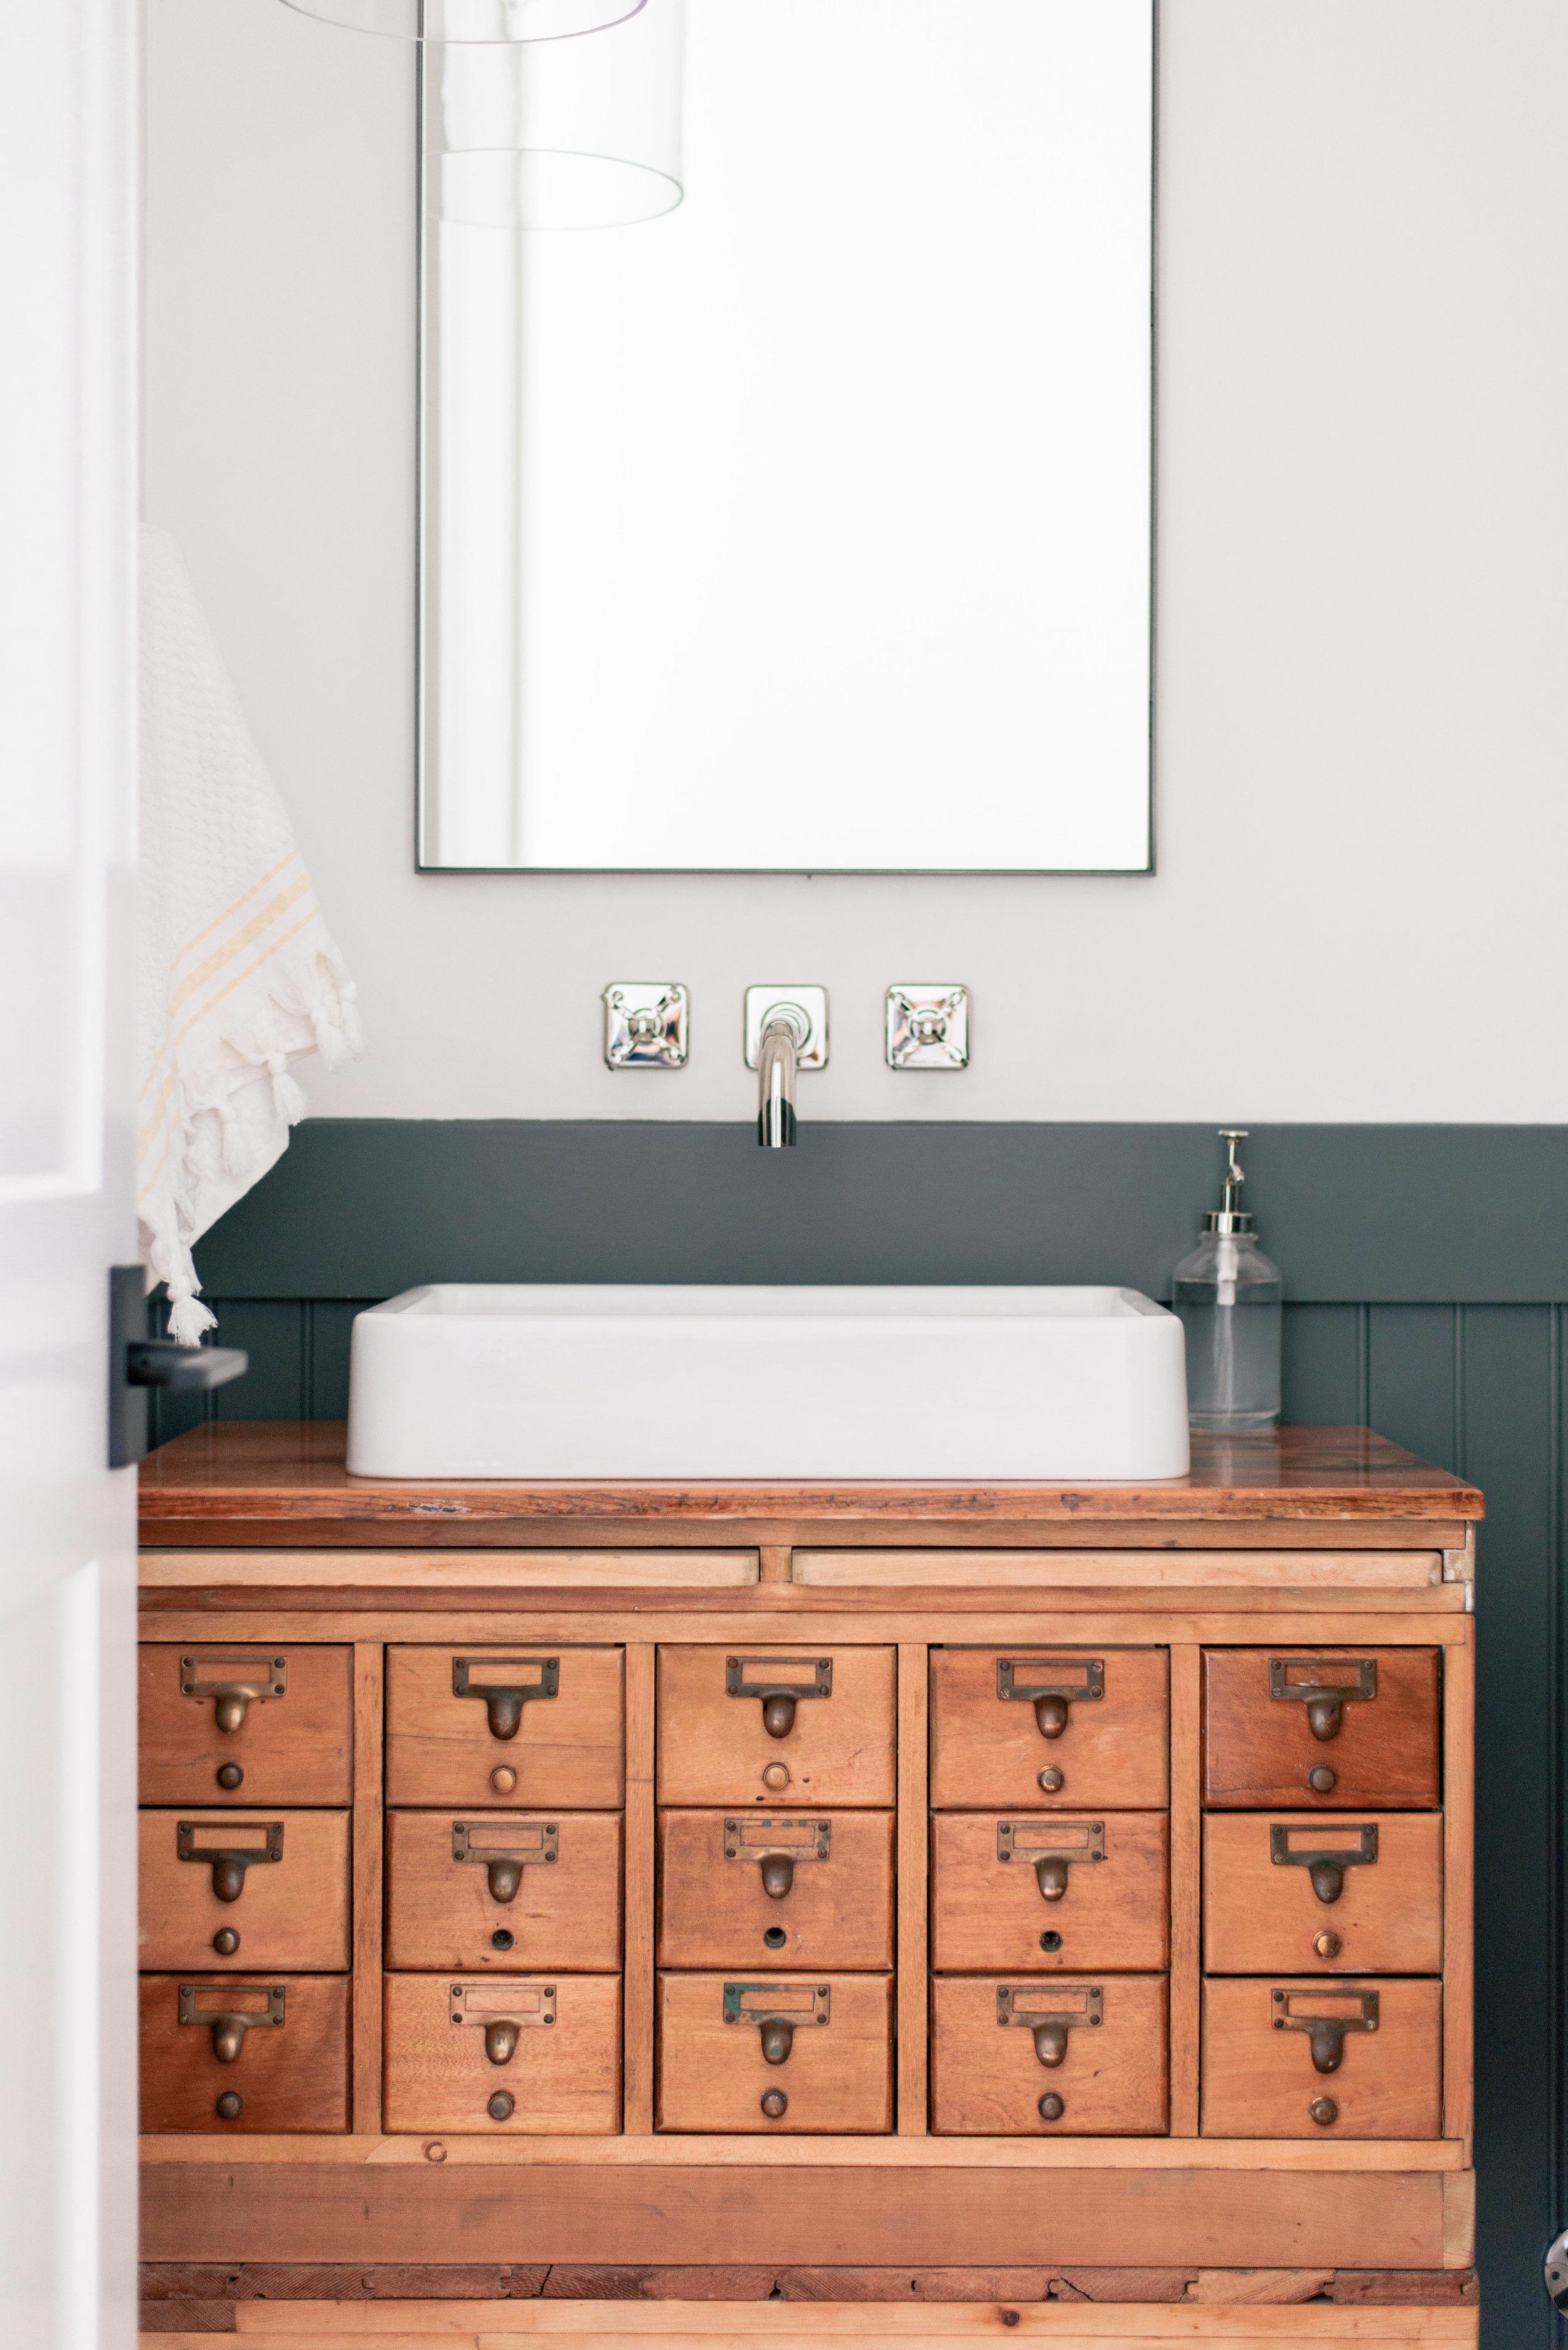 DIY Antique Vanity Ideas